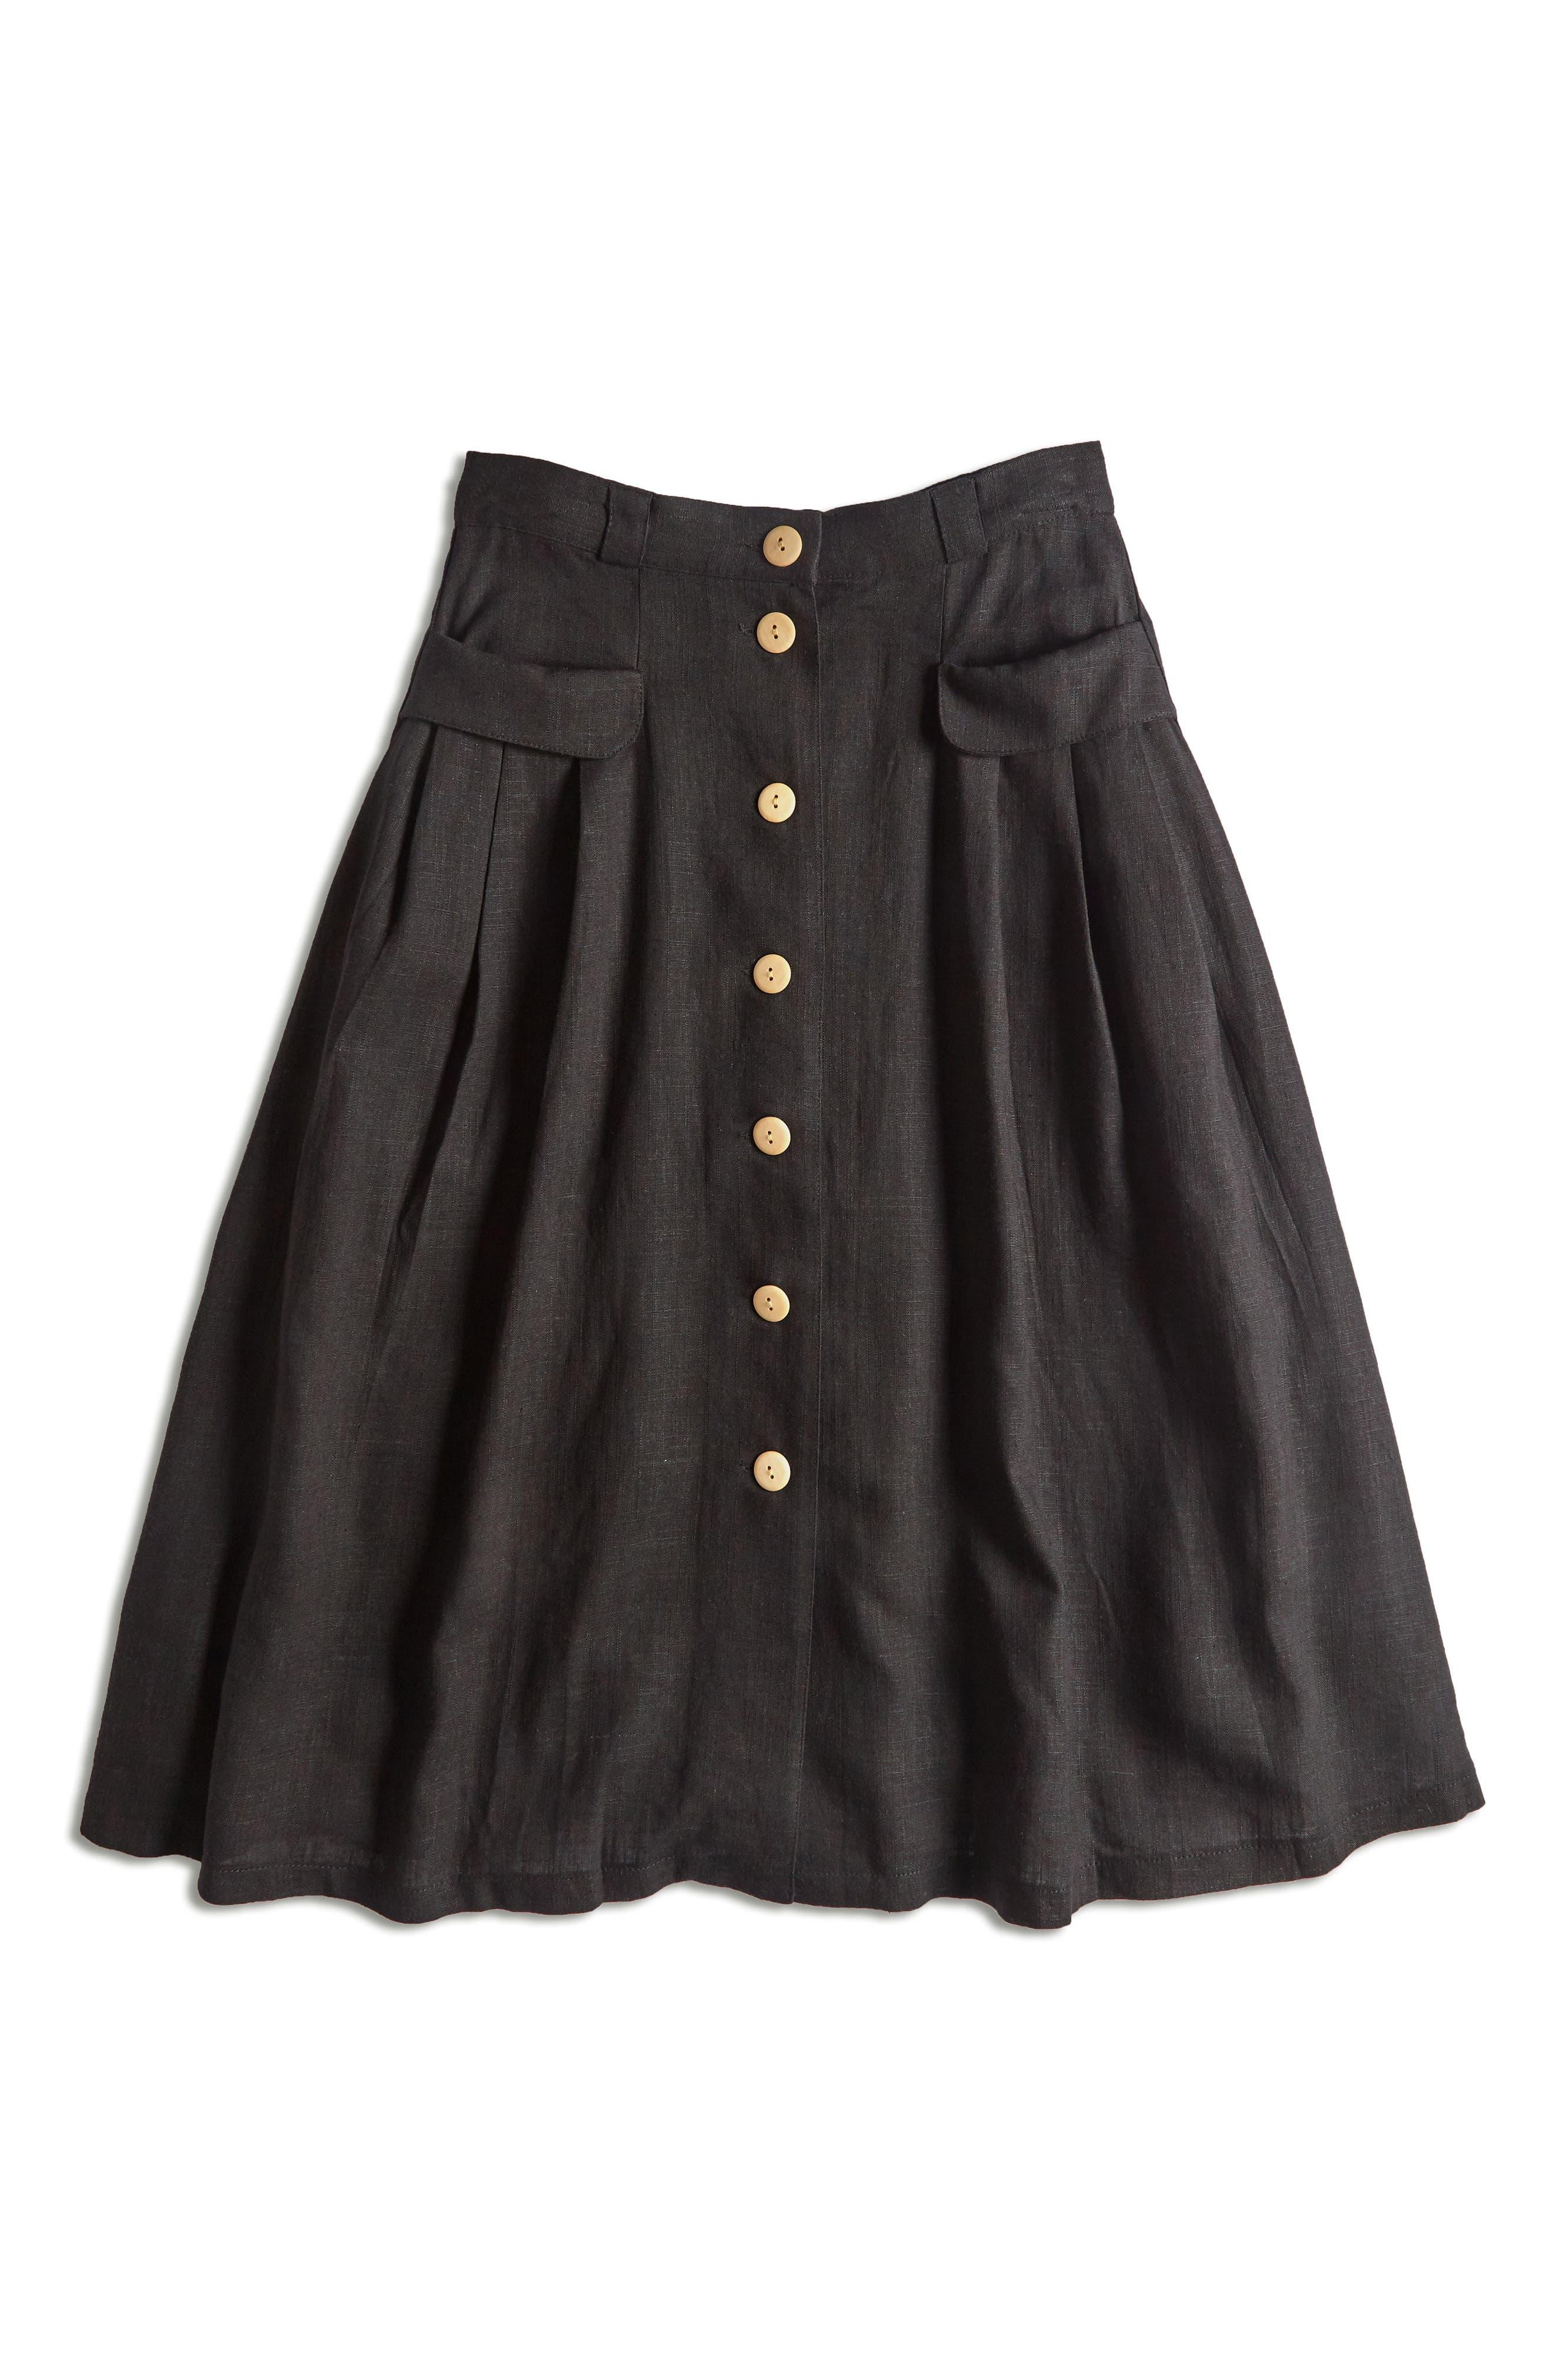 MODCLOTH,                             Pleat Midi Skirt,                             Alternate thumbnail 5, color,                             BLACK